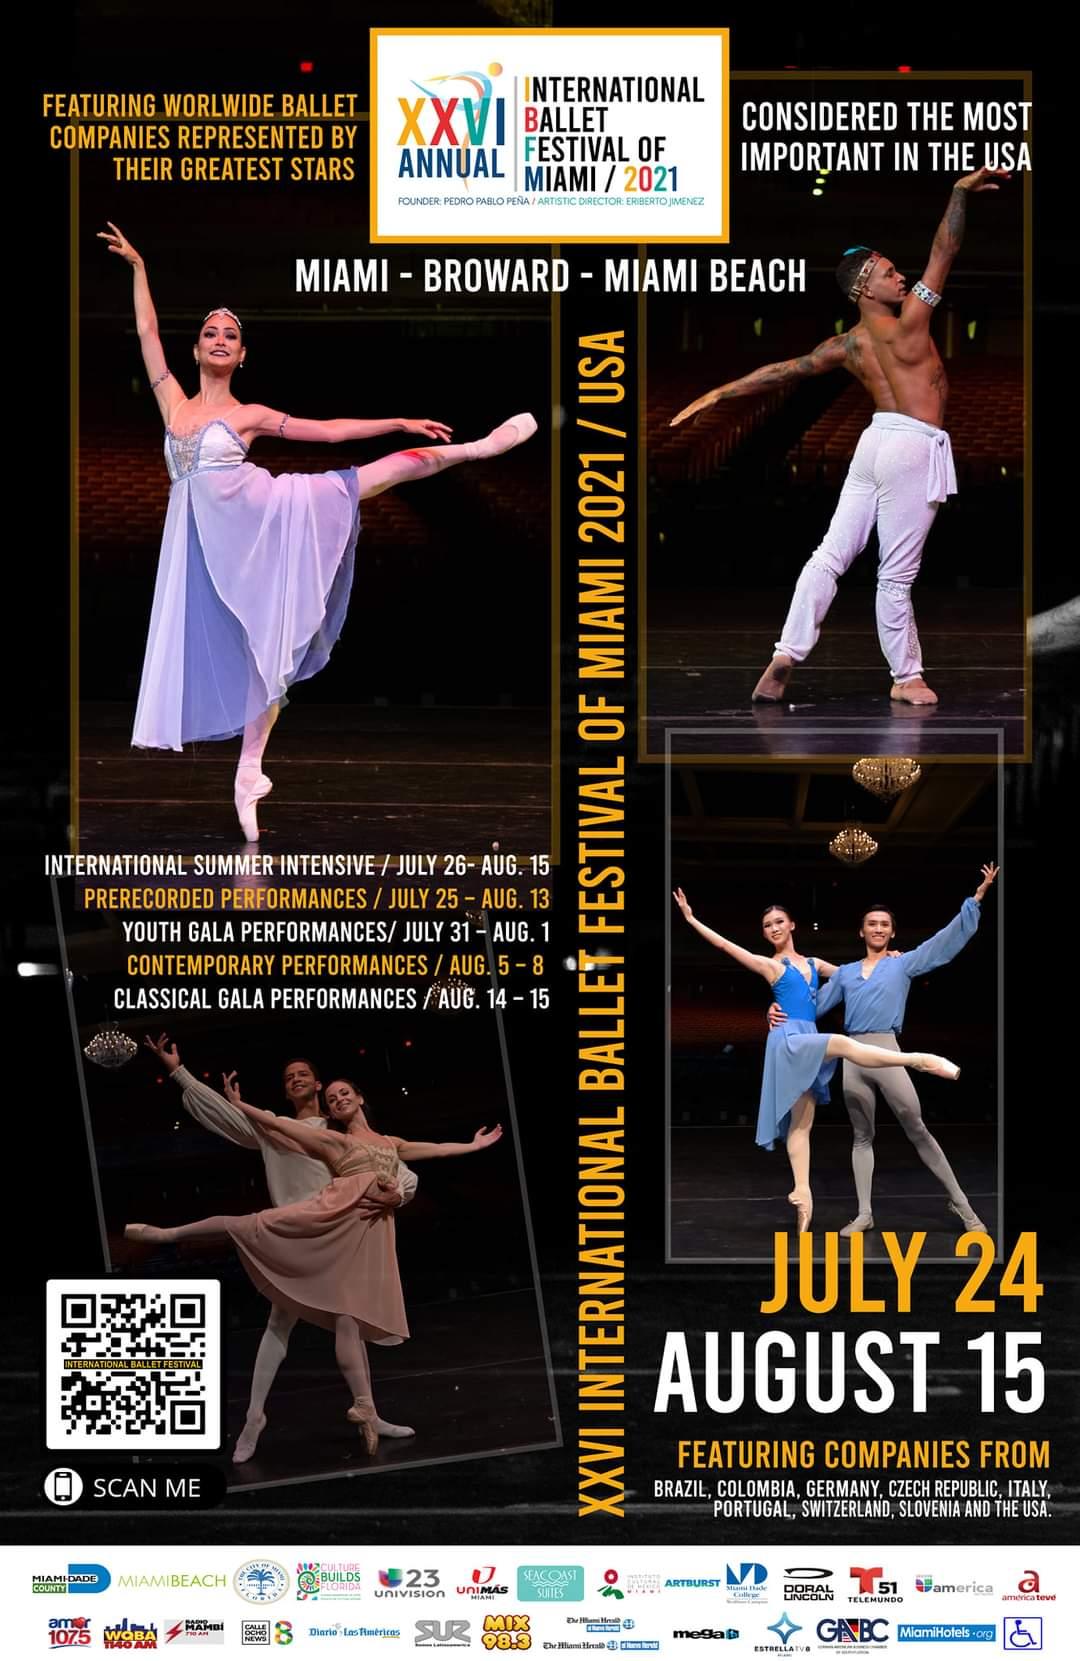 Antonio Desiderio ritorna all'International Ballet Festival di Miami